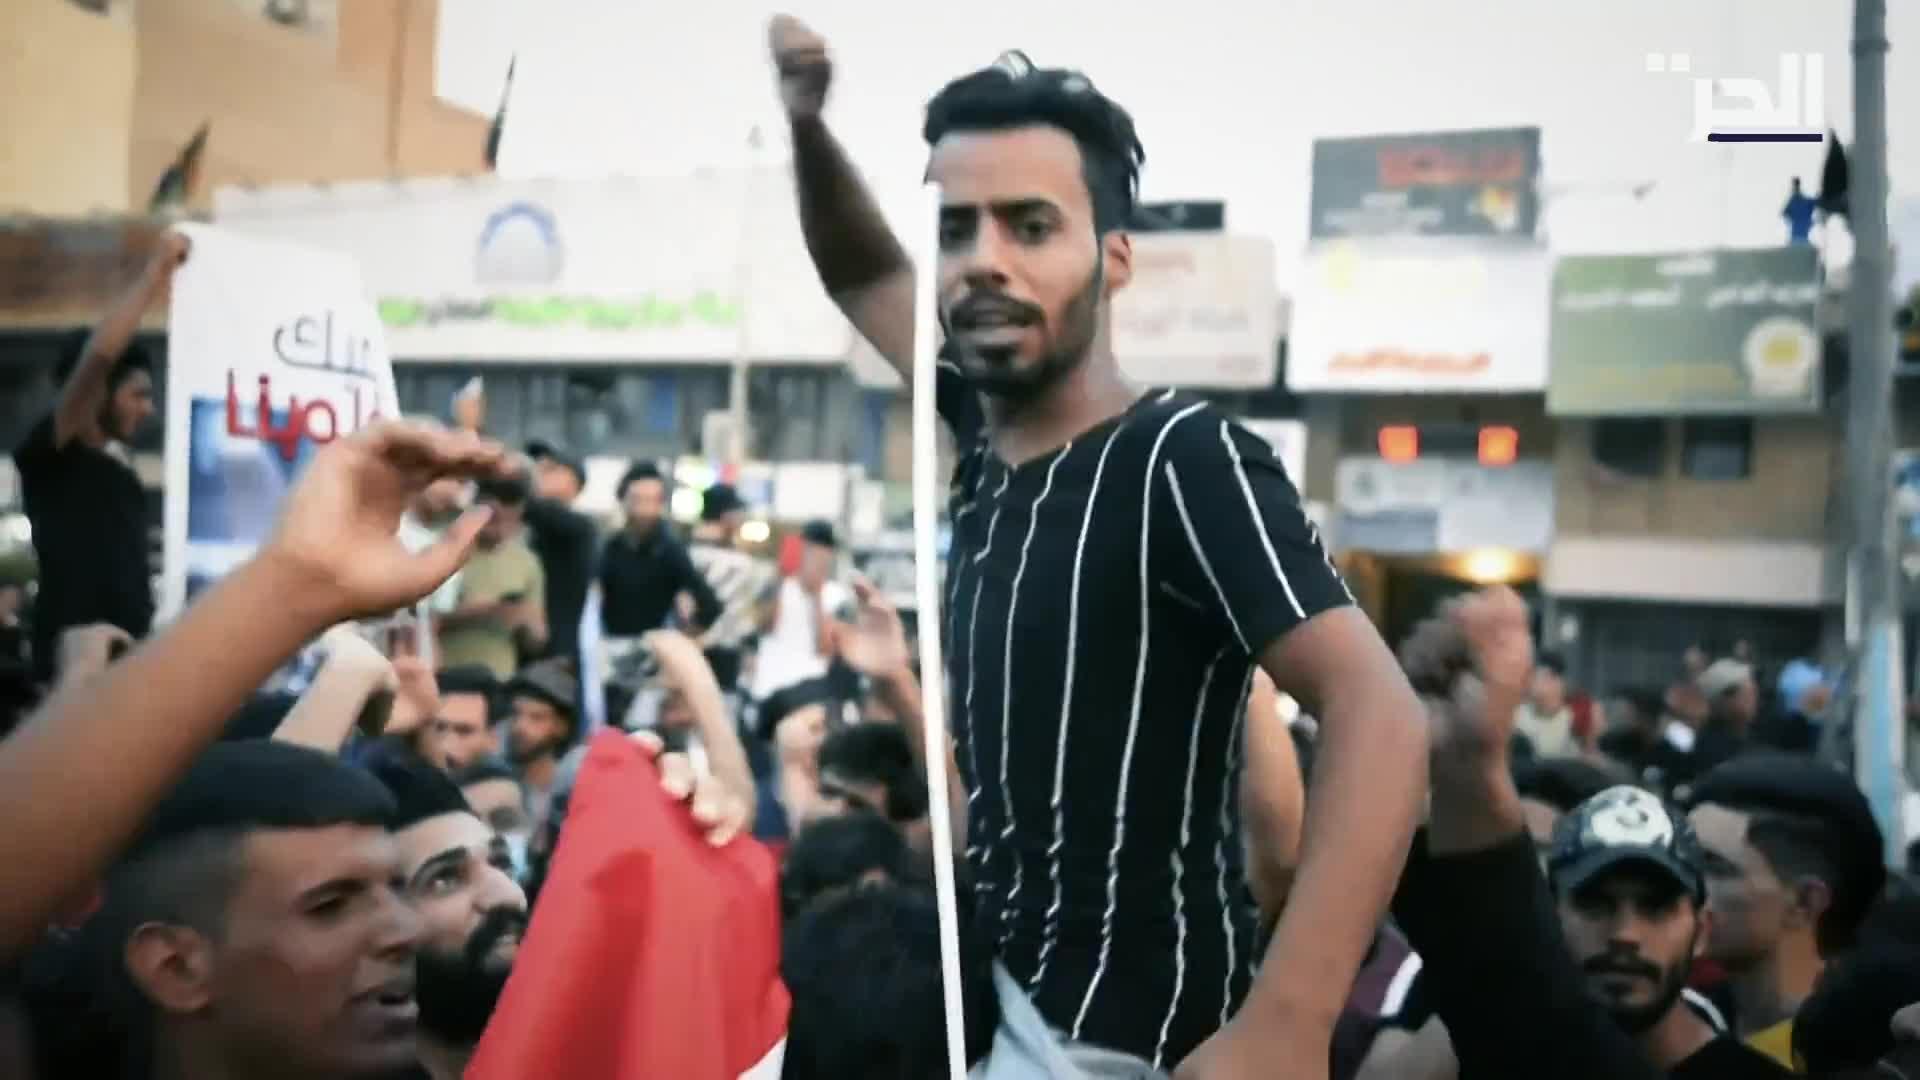 هجوم بالقنابل على بيت اللواء علي ابراهيم دبعون فرج المكصوصي قاتل المتظاهرين